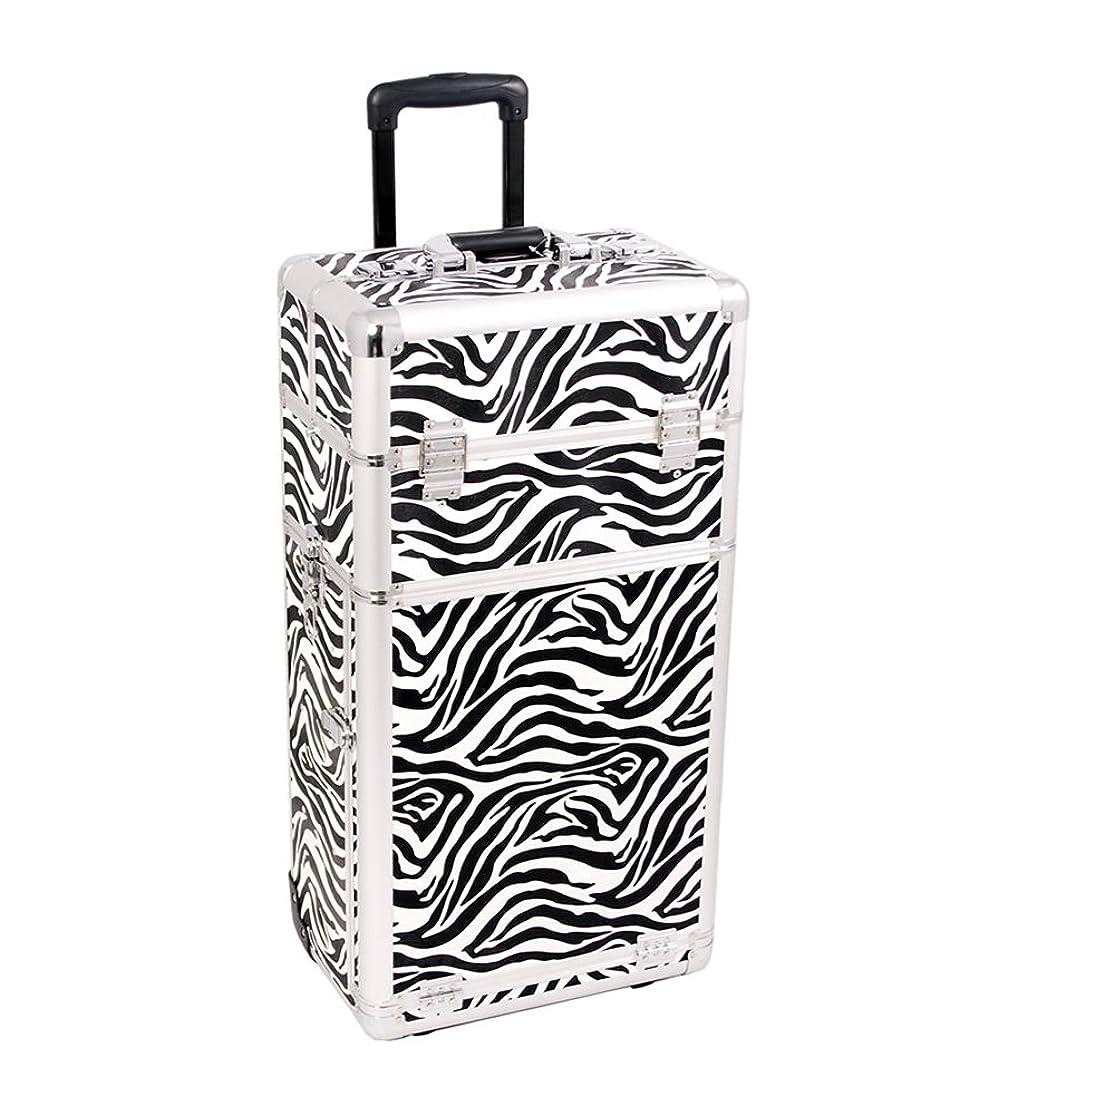 Craft Accents I3162 Zebra Trolley Craft/Quilting Storage Case nzcenqce0